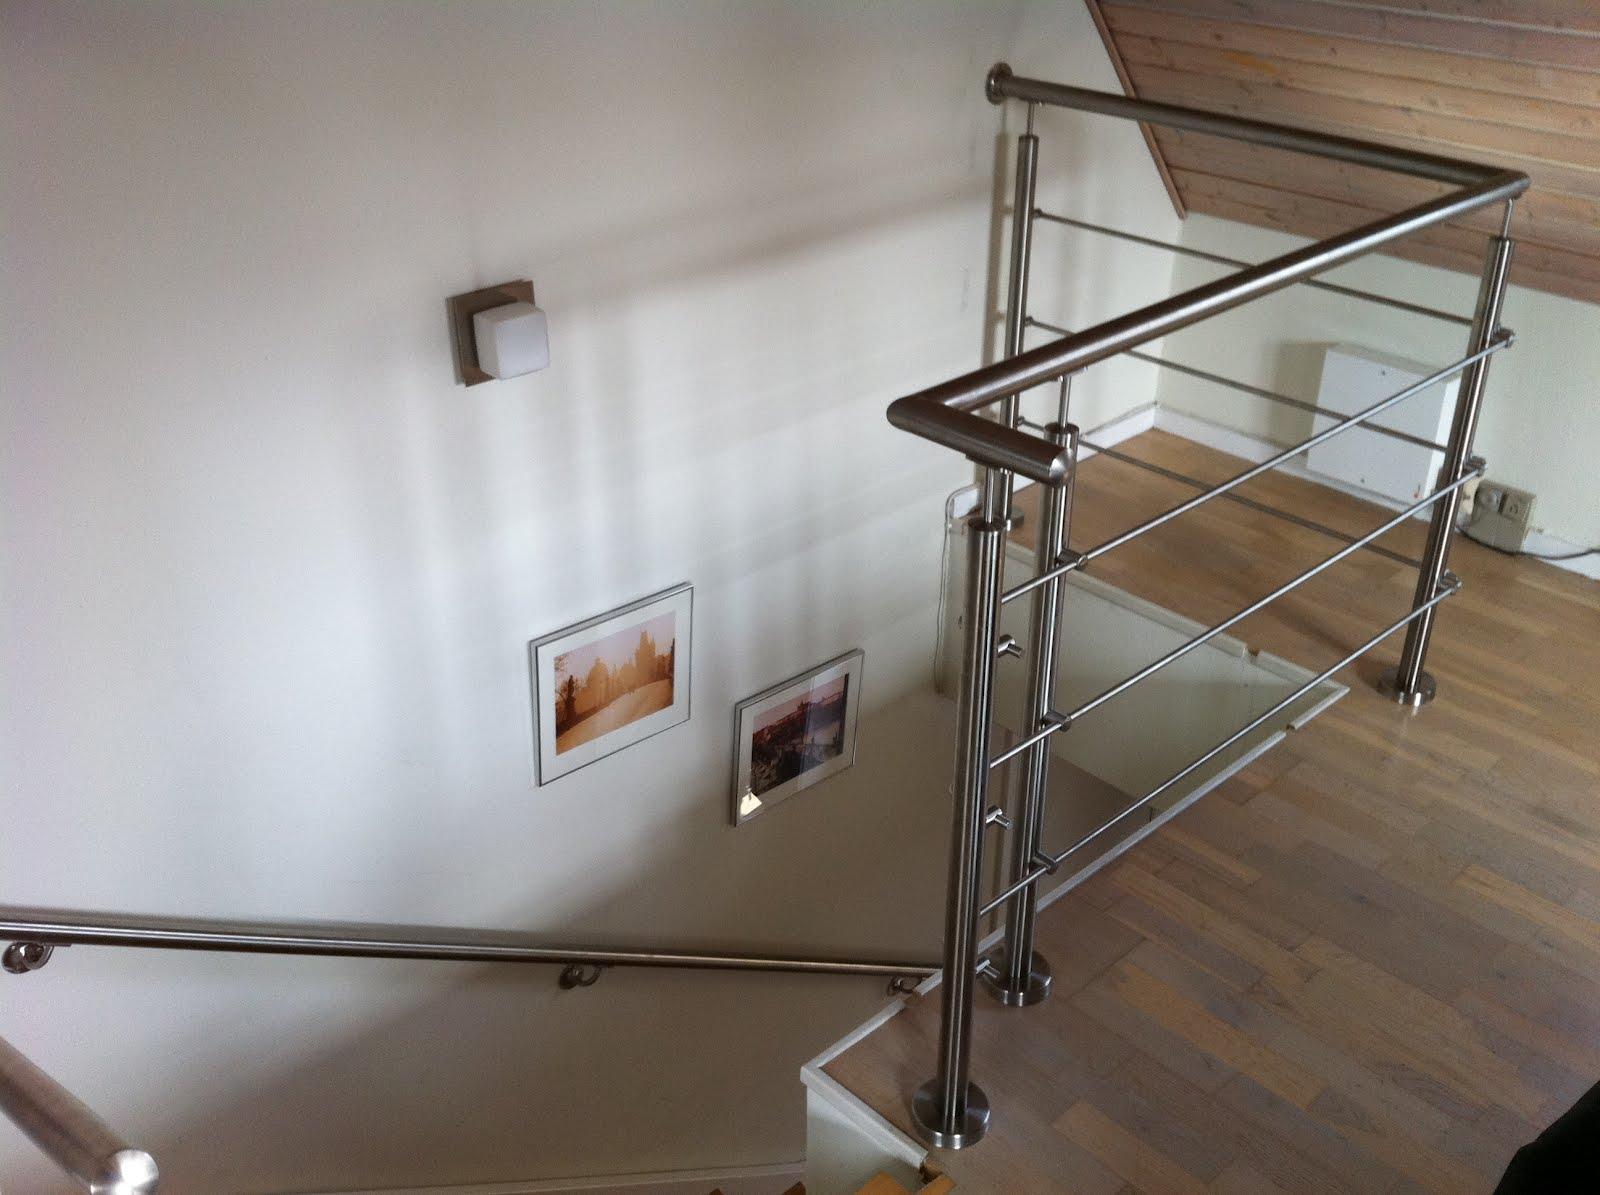 gel nder rustfrie gel nder galv gel nder trappe gel nder glas gel nder gel nder trappe gel nder. Black Bedroom Furniture Sets. Home Design Ideas